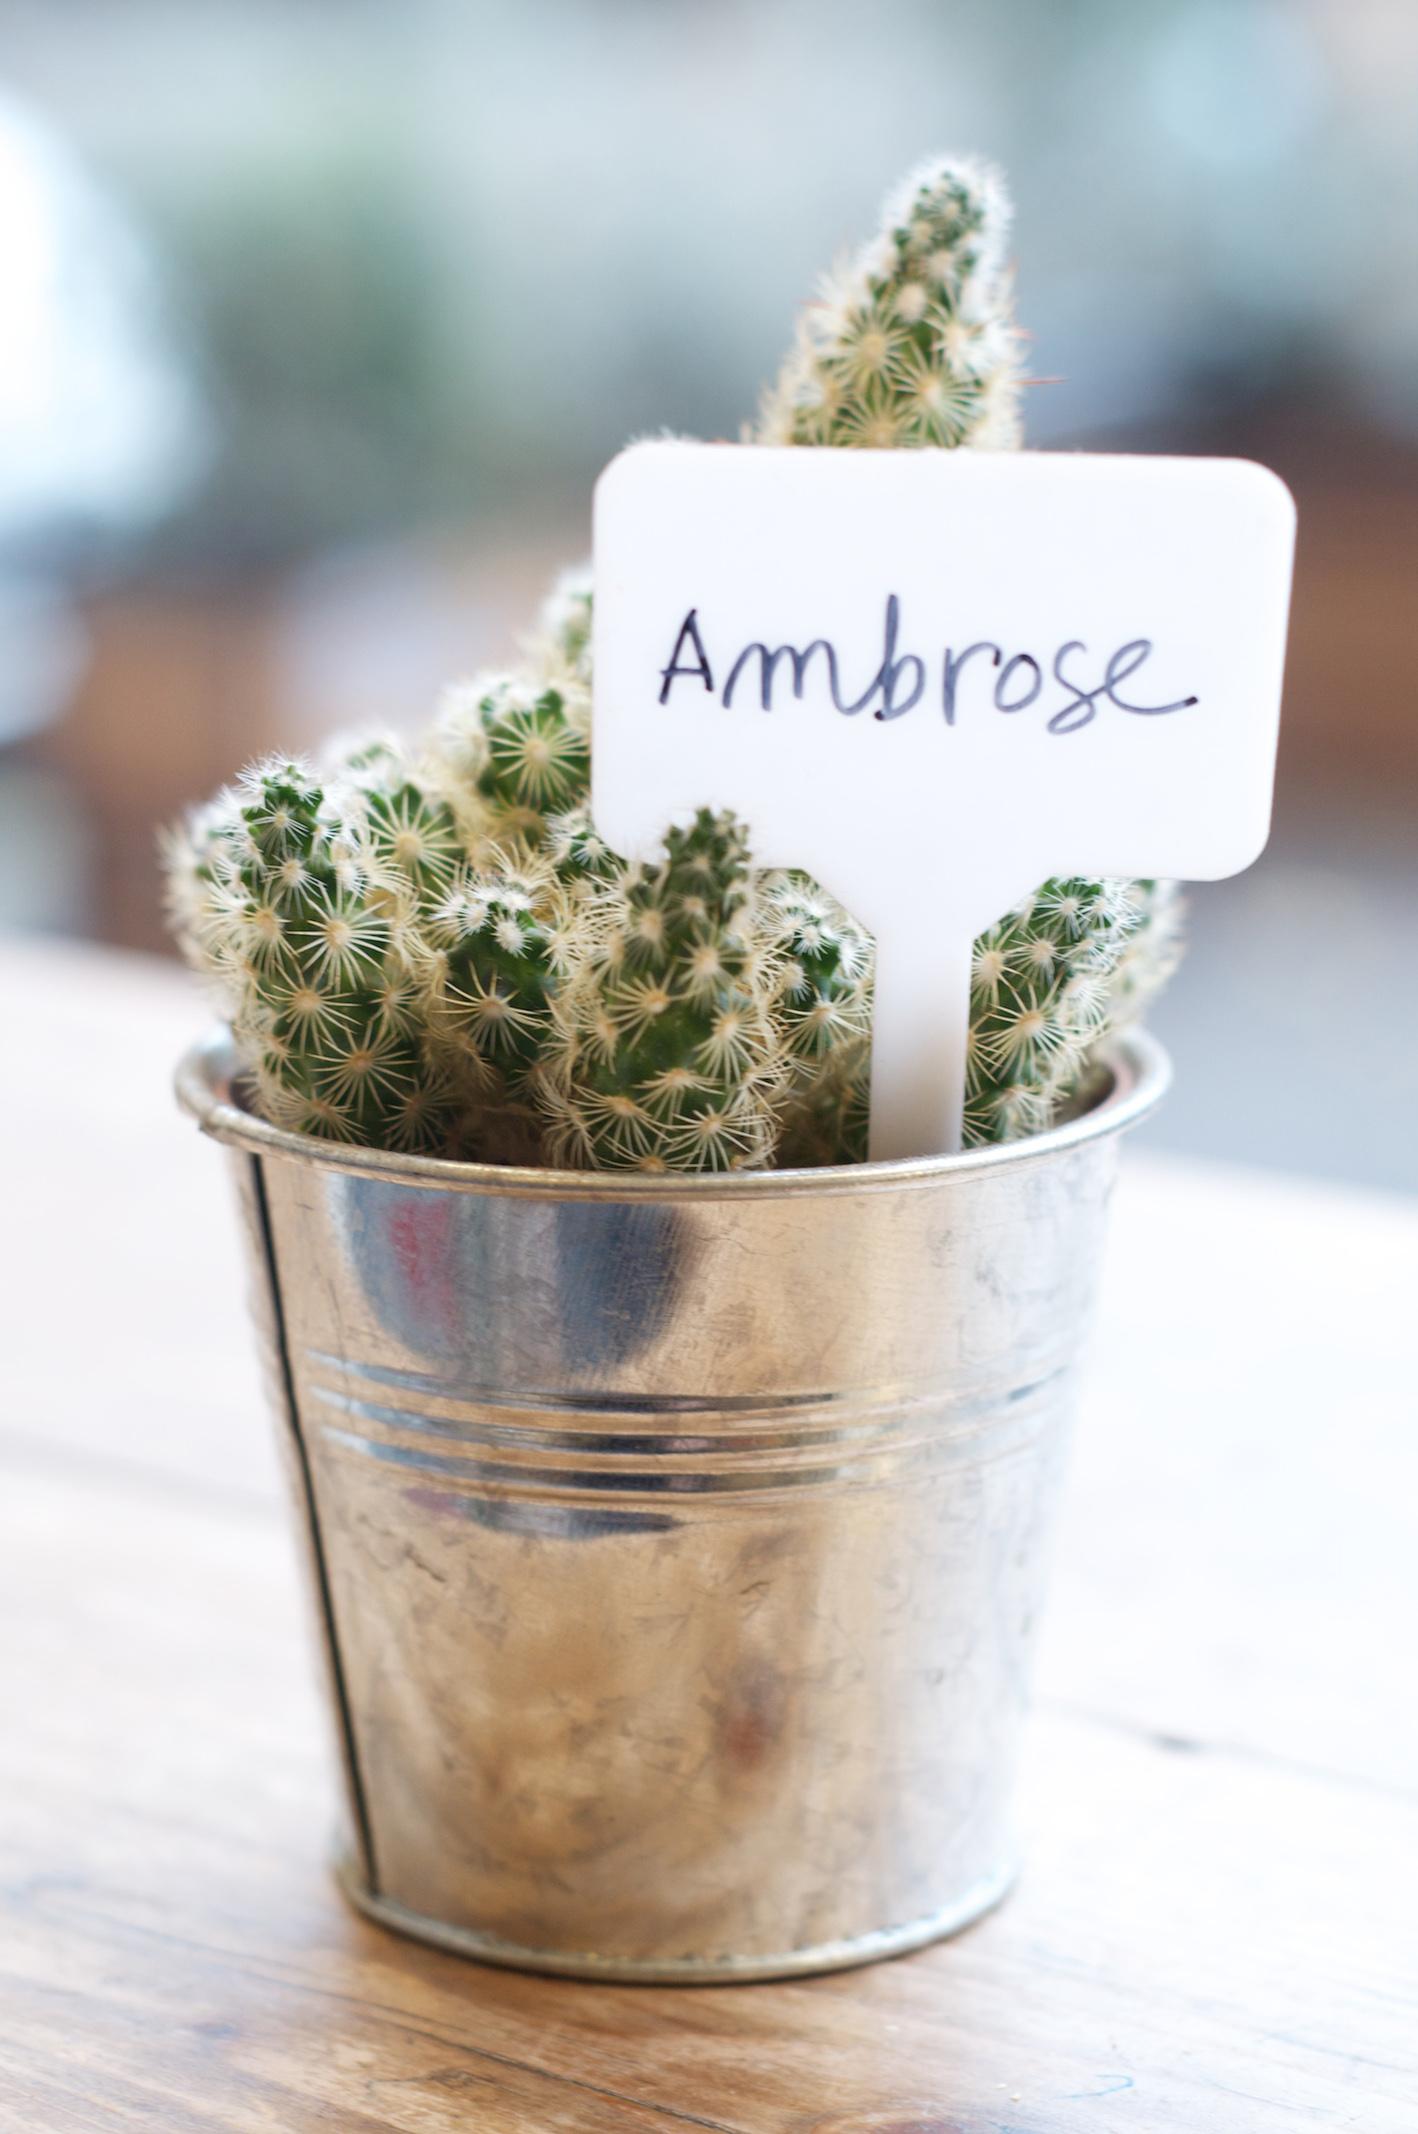 Ambrose.jpg